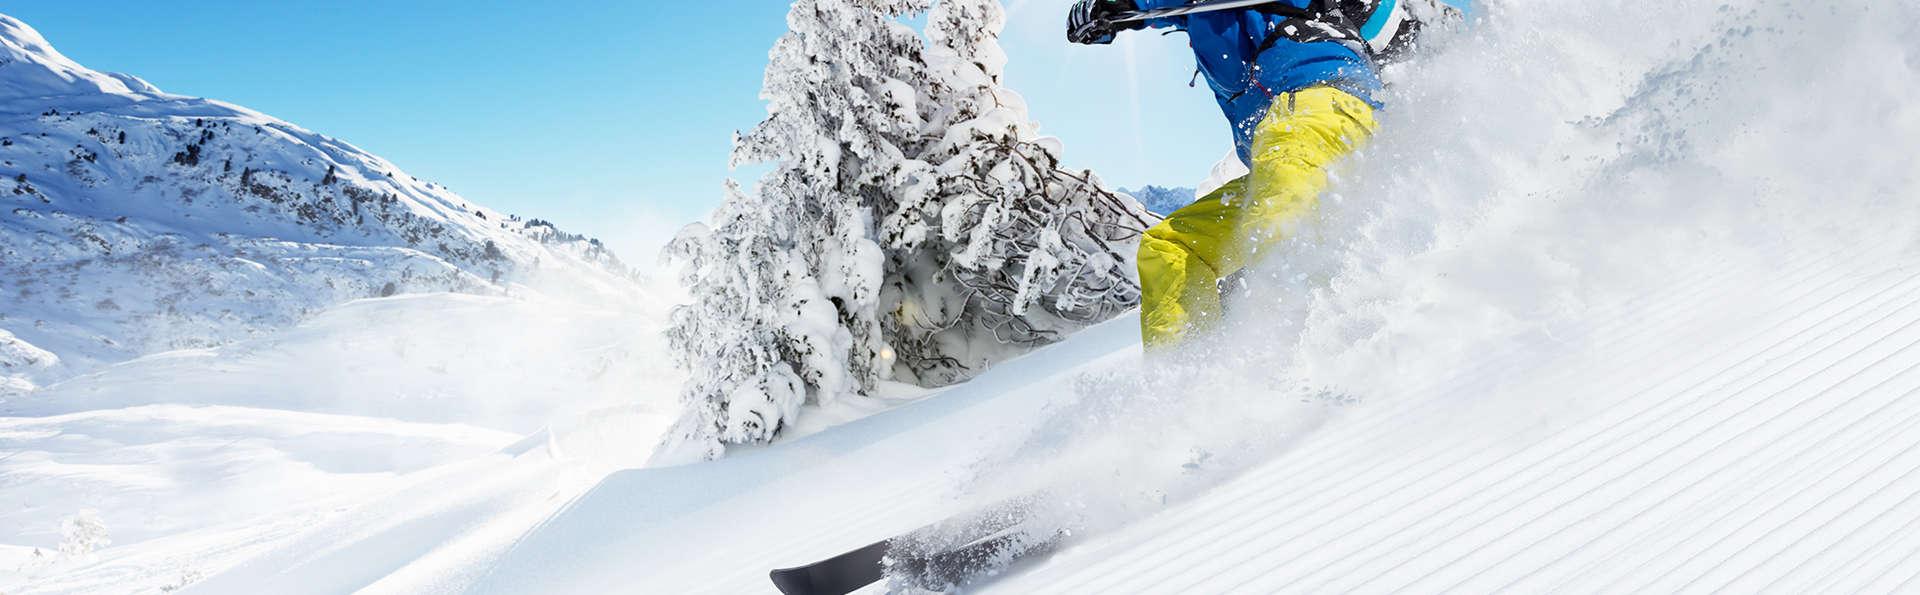 Ski et détente en plein coeur d'Isola 2000 (avec forfaits 2 jours)